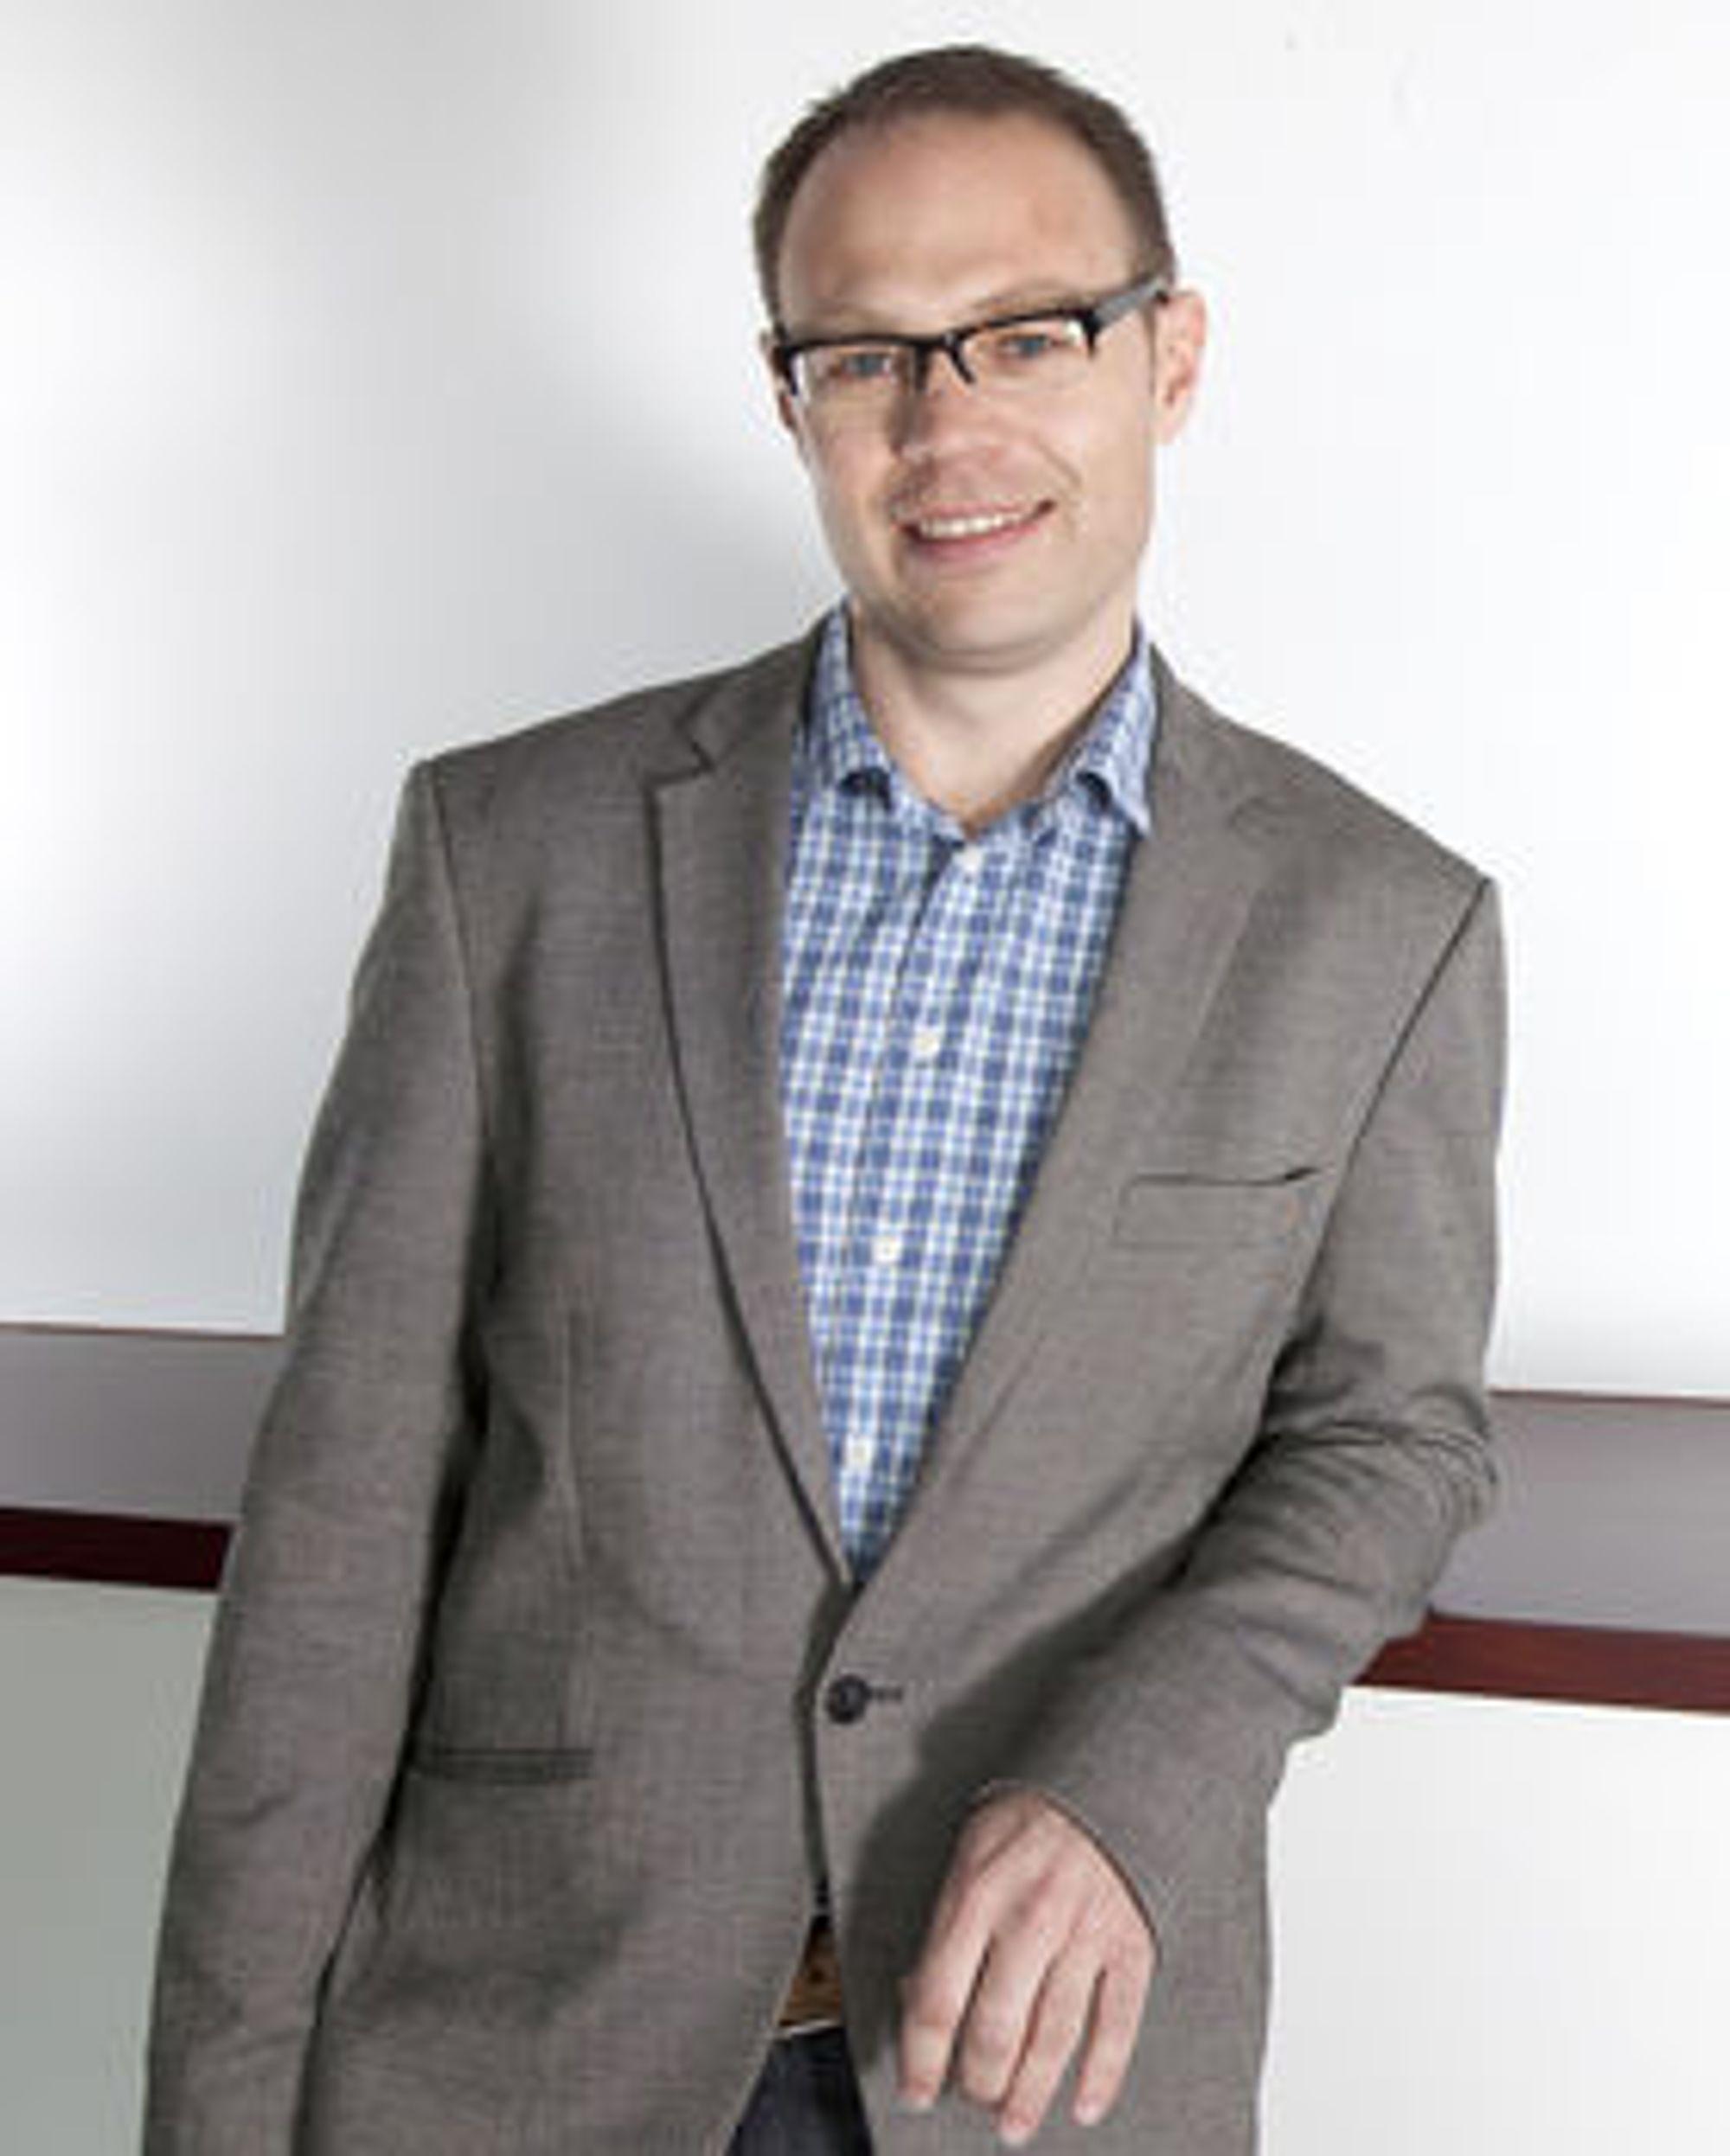 Teknologidirektør Torgeir Hovden